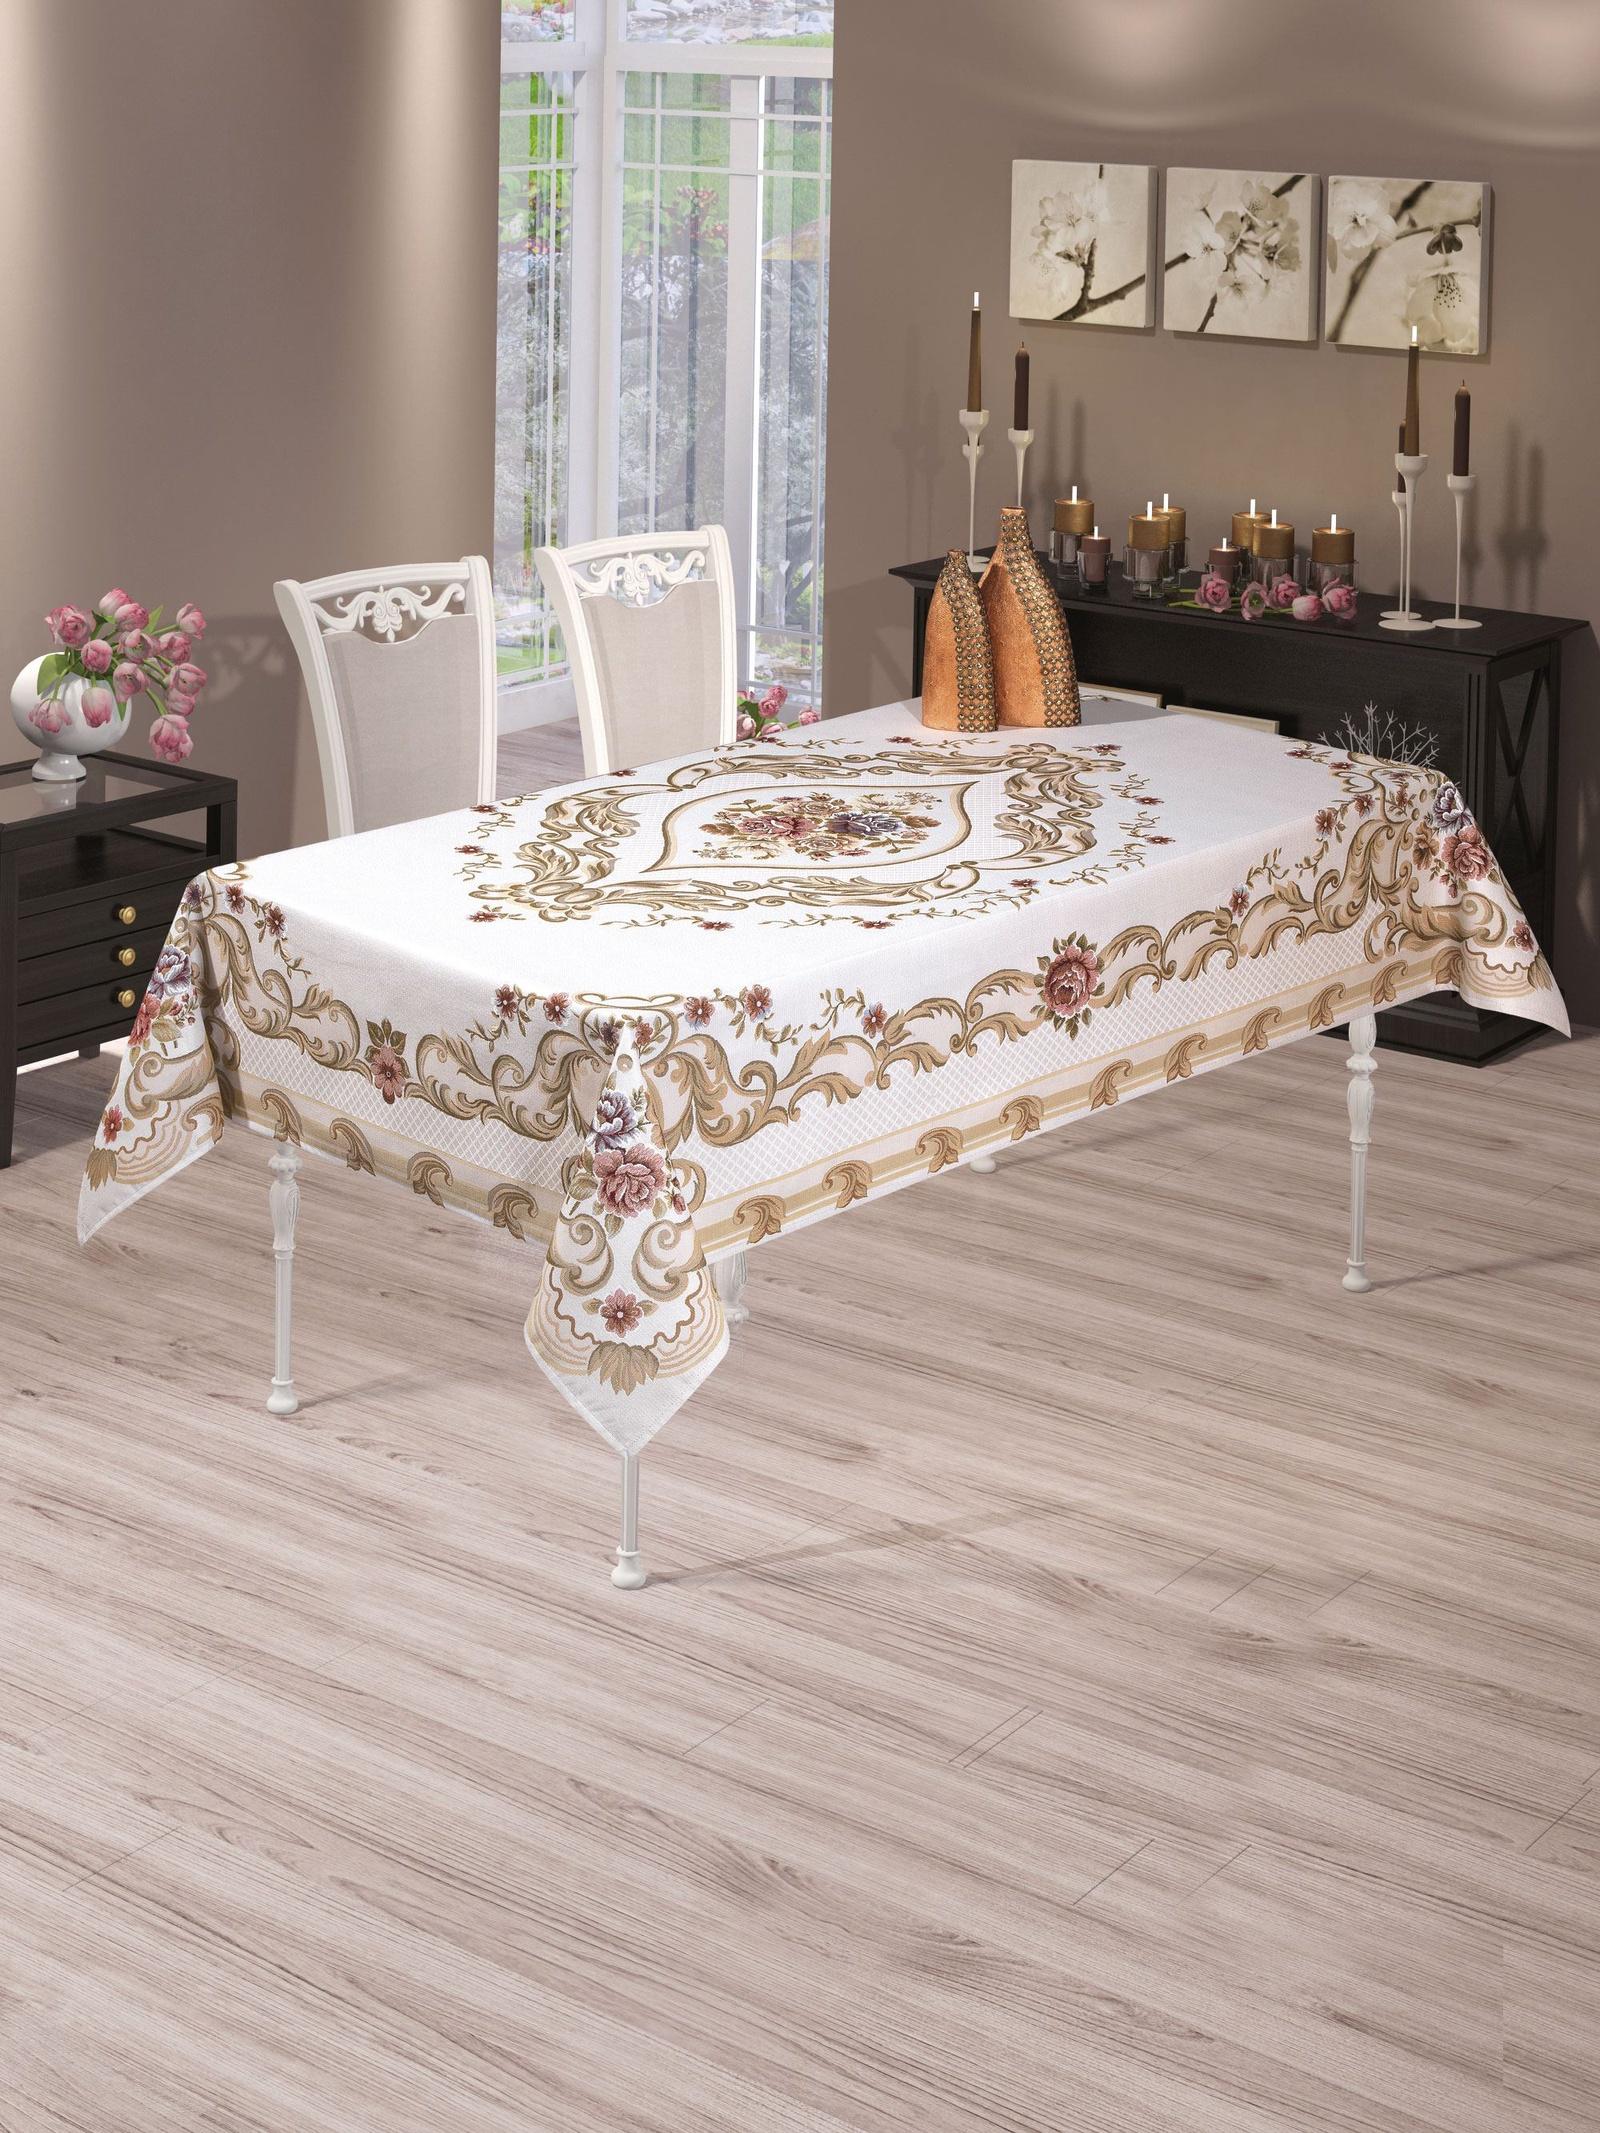 Скатерть DO&CO Domino Lux, 9361, светло-бежевый, 160 х 220 см